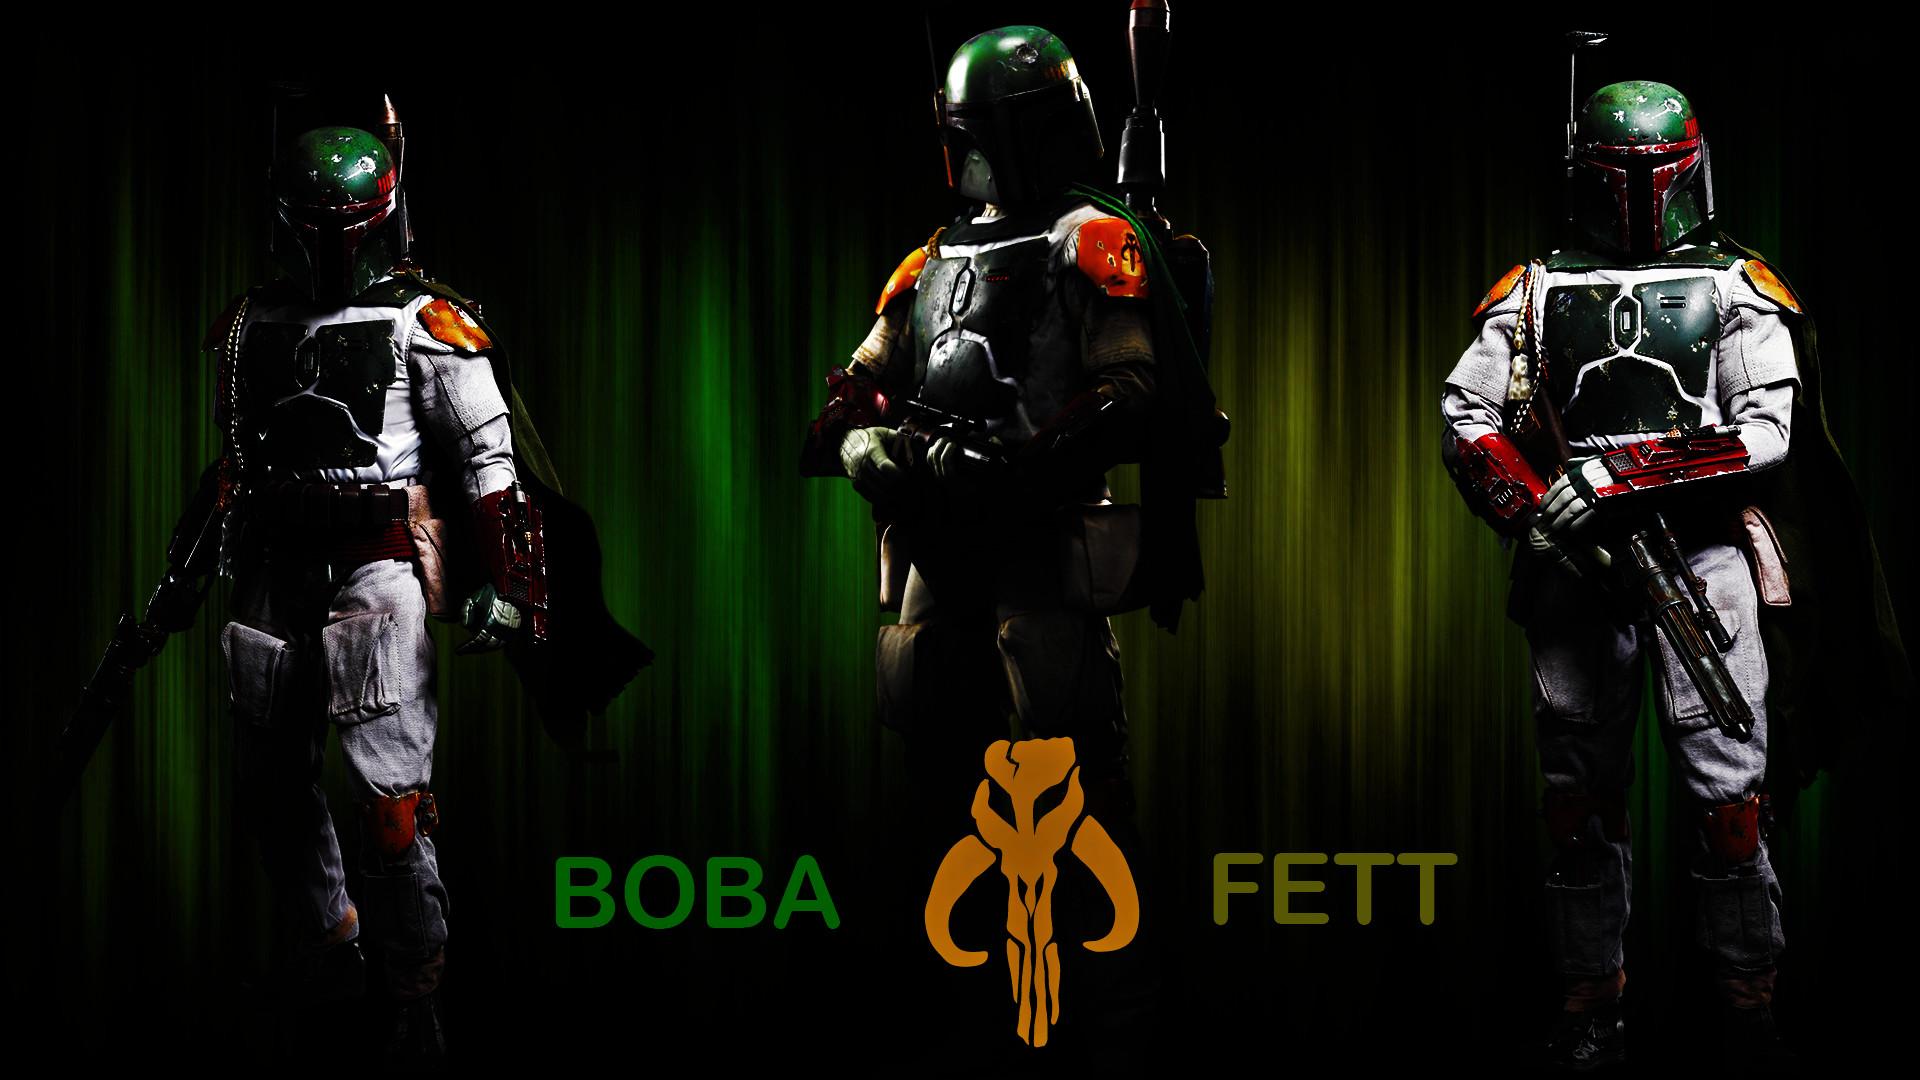 Download Star Wars Boba Fett Wallpaper Gallery